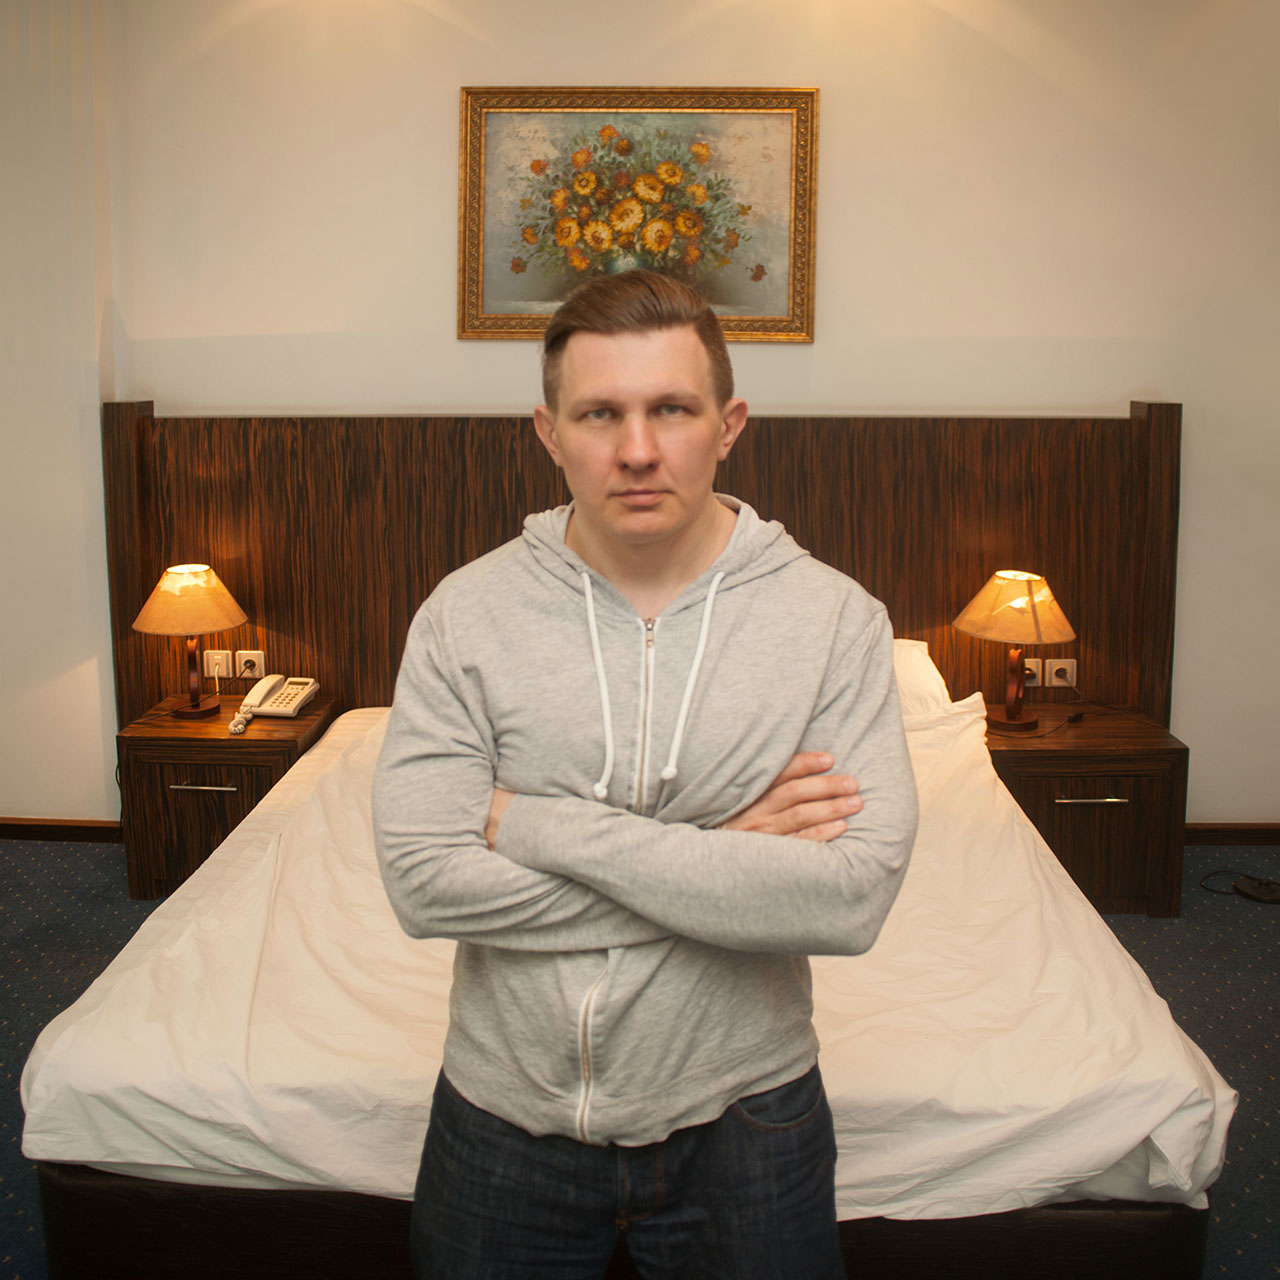 Кирилл Толль - профессиональный фотограф в Москве